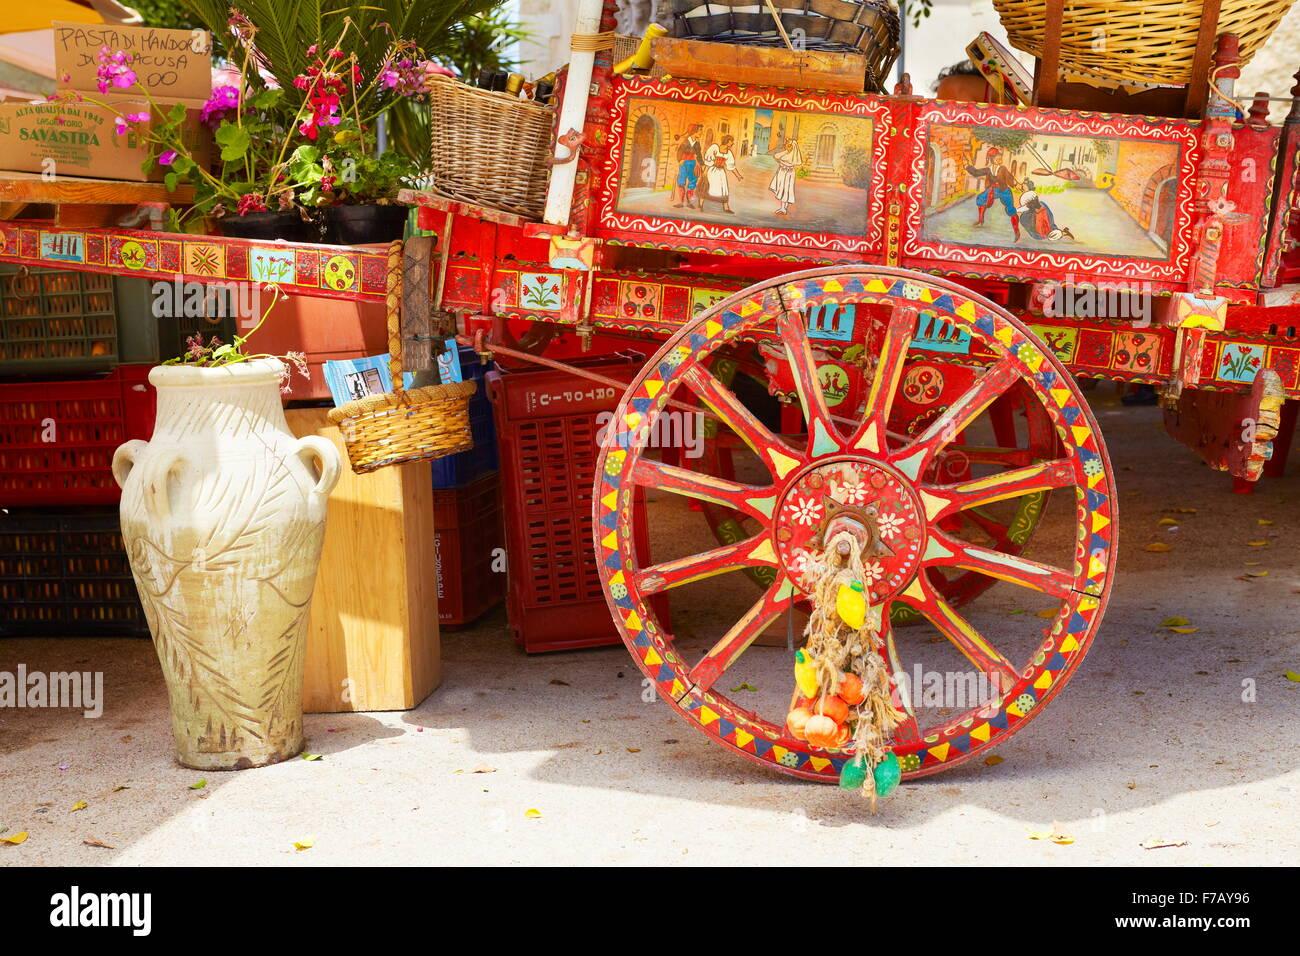 Colorato decorato carrello, tradizionale rurale siciliano in carrozza, street decorazione, isola di Sicilia, Italia Immagini Stock